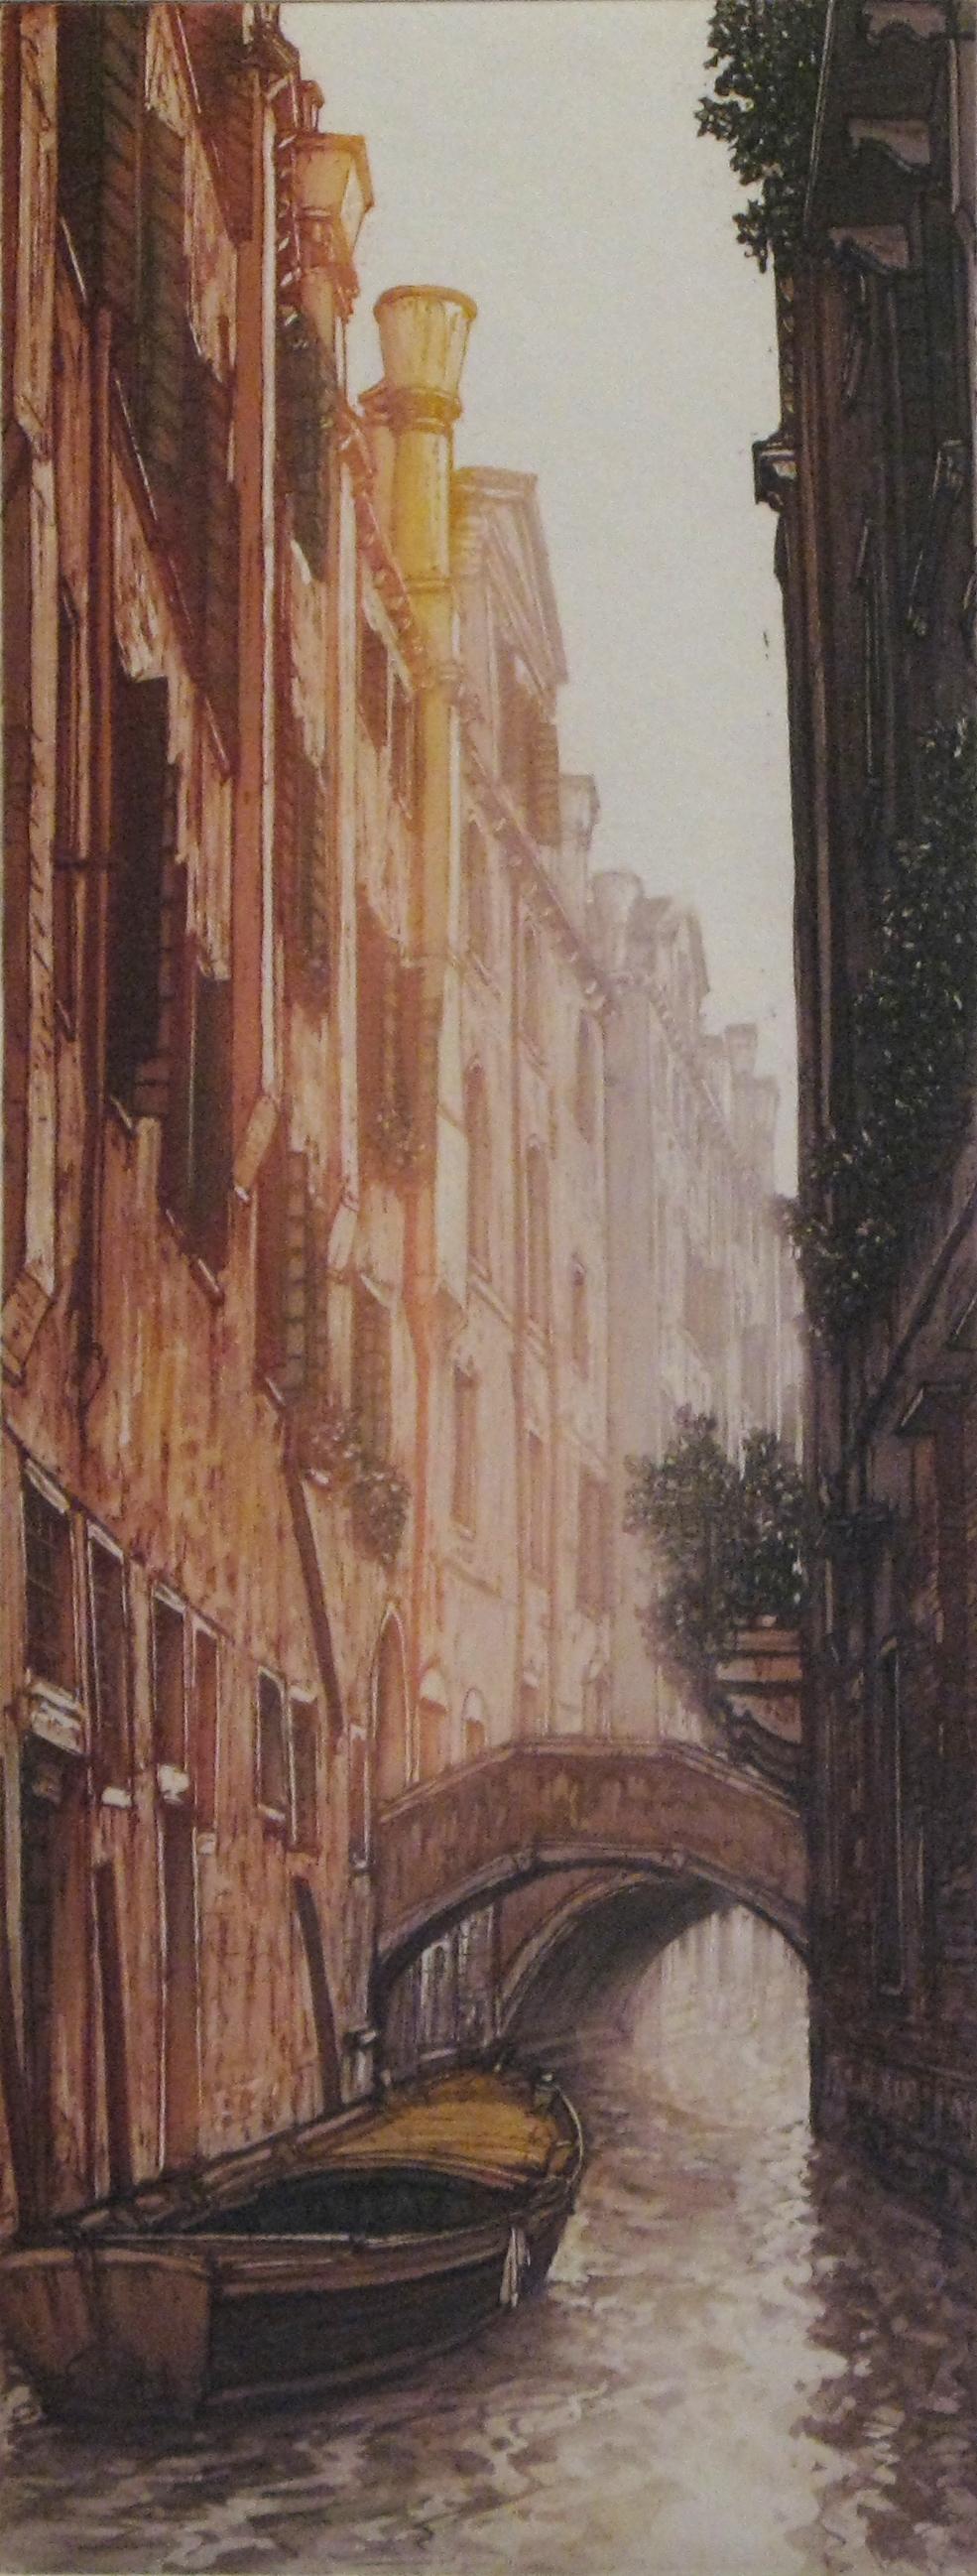 Venice XXXIX